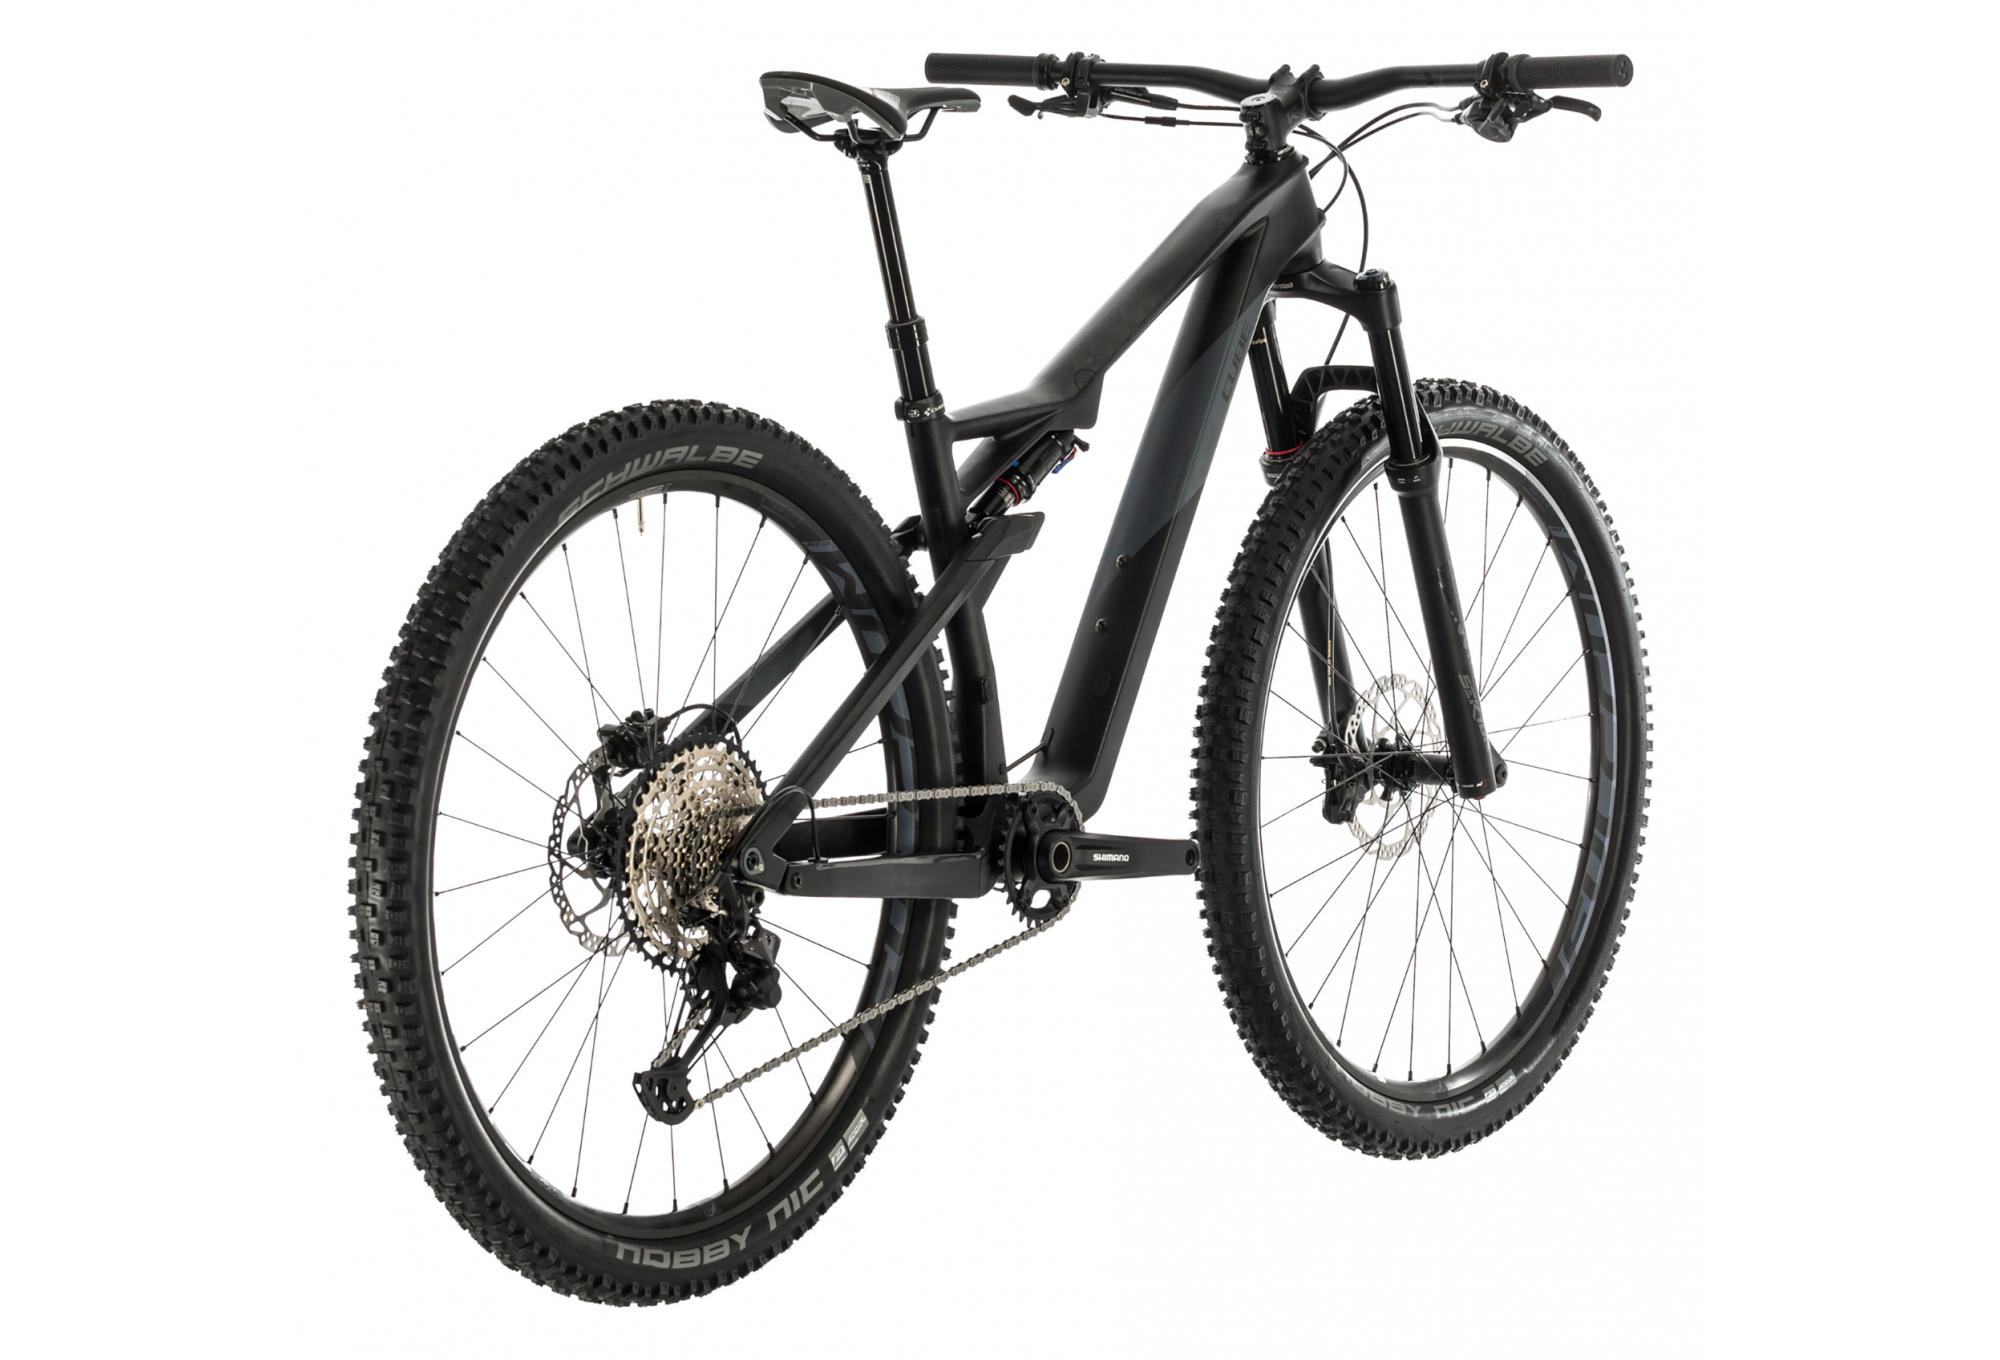 120 mm longueur x 31.8 mm Clamp X 17 ° Angle-Noir Nouveau Bontrager RXL vélo tige